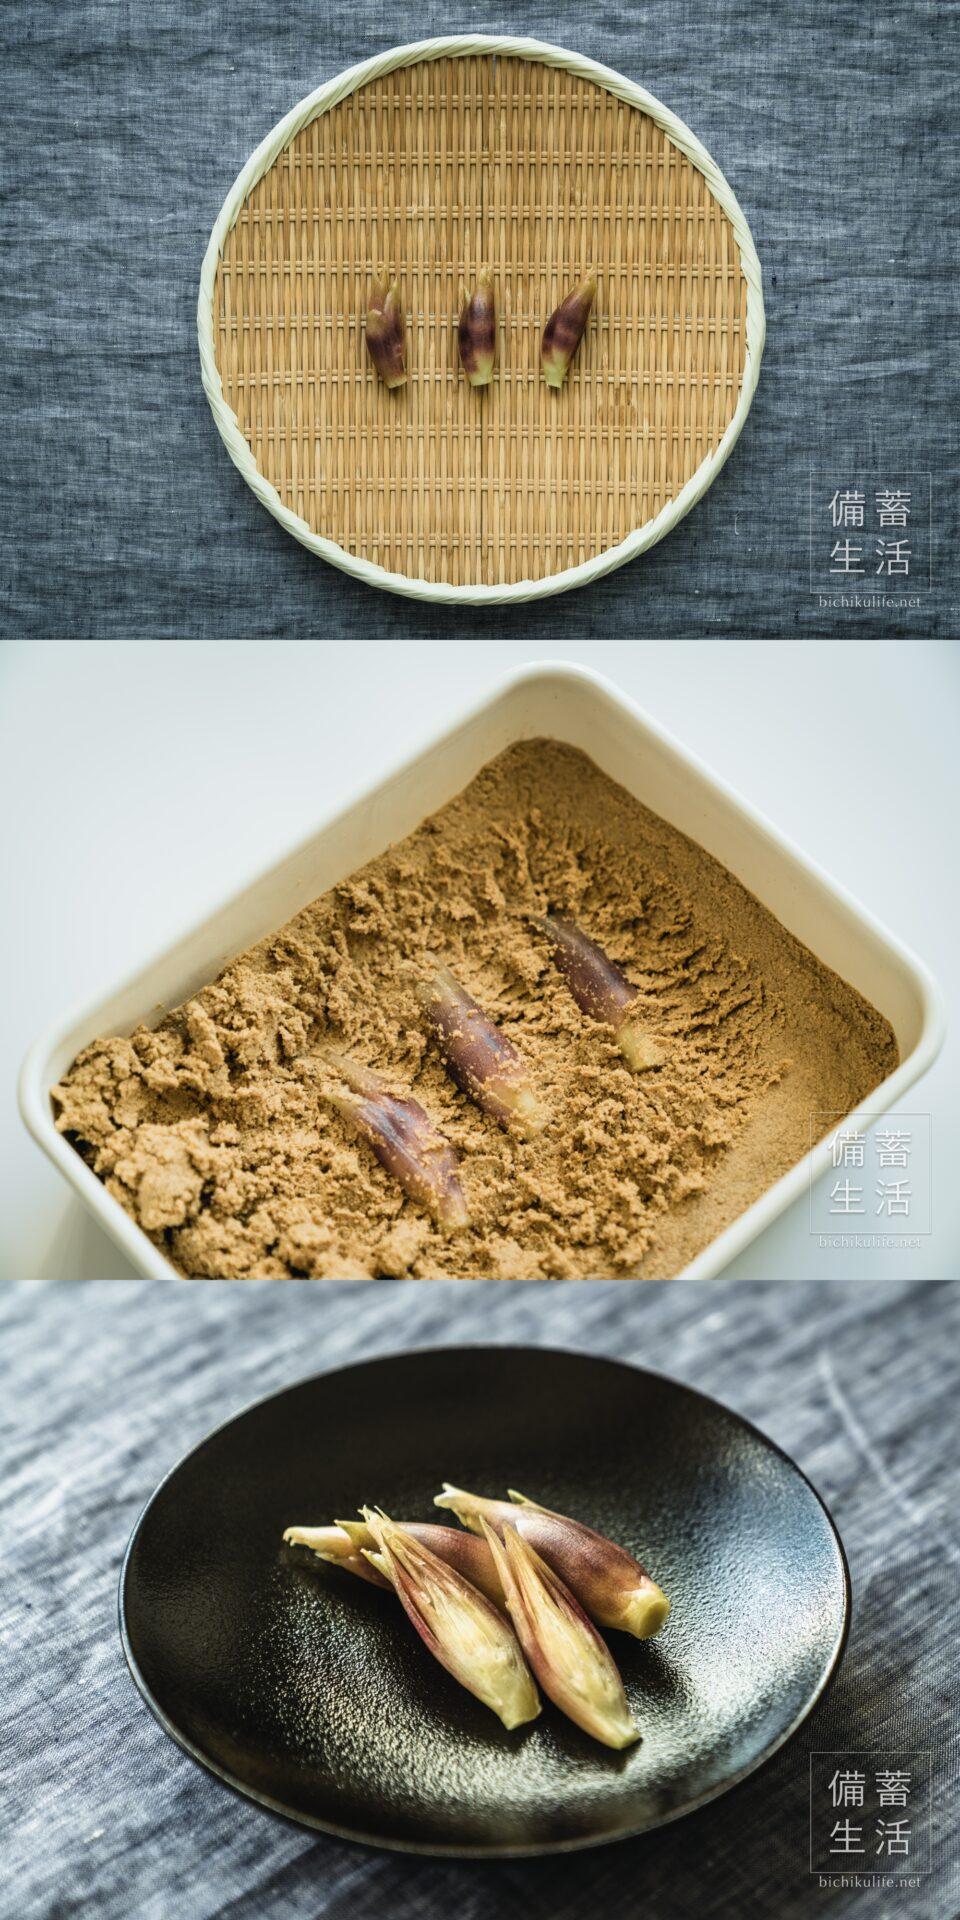 みょうがのぬか漬けの作り方・レシピ